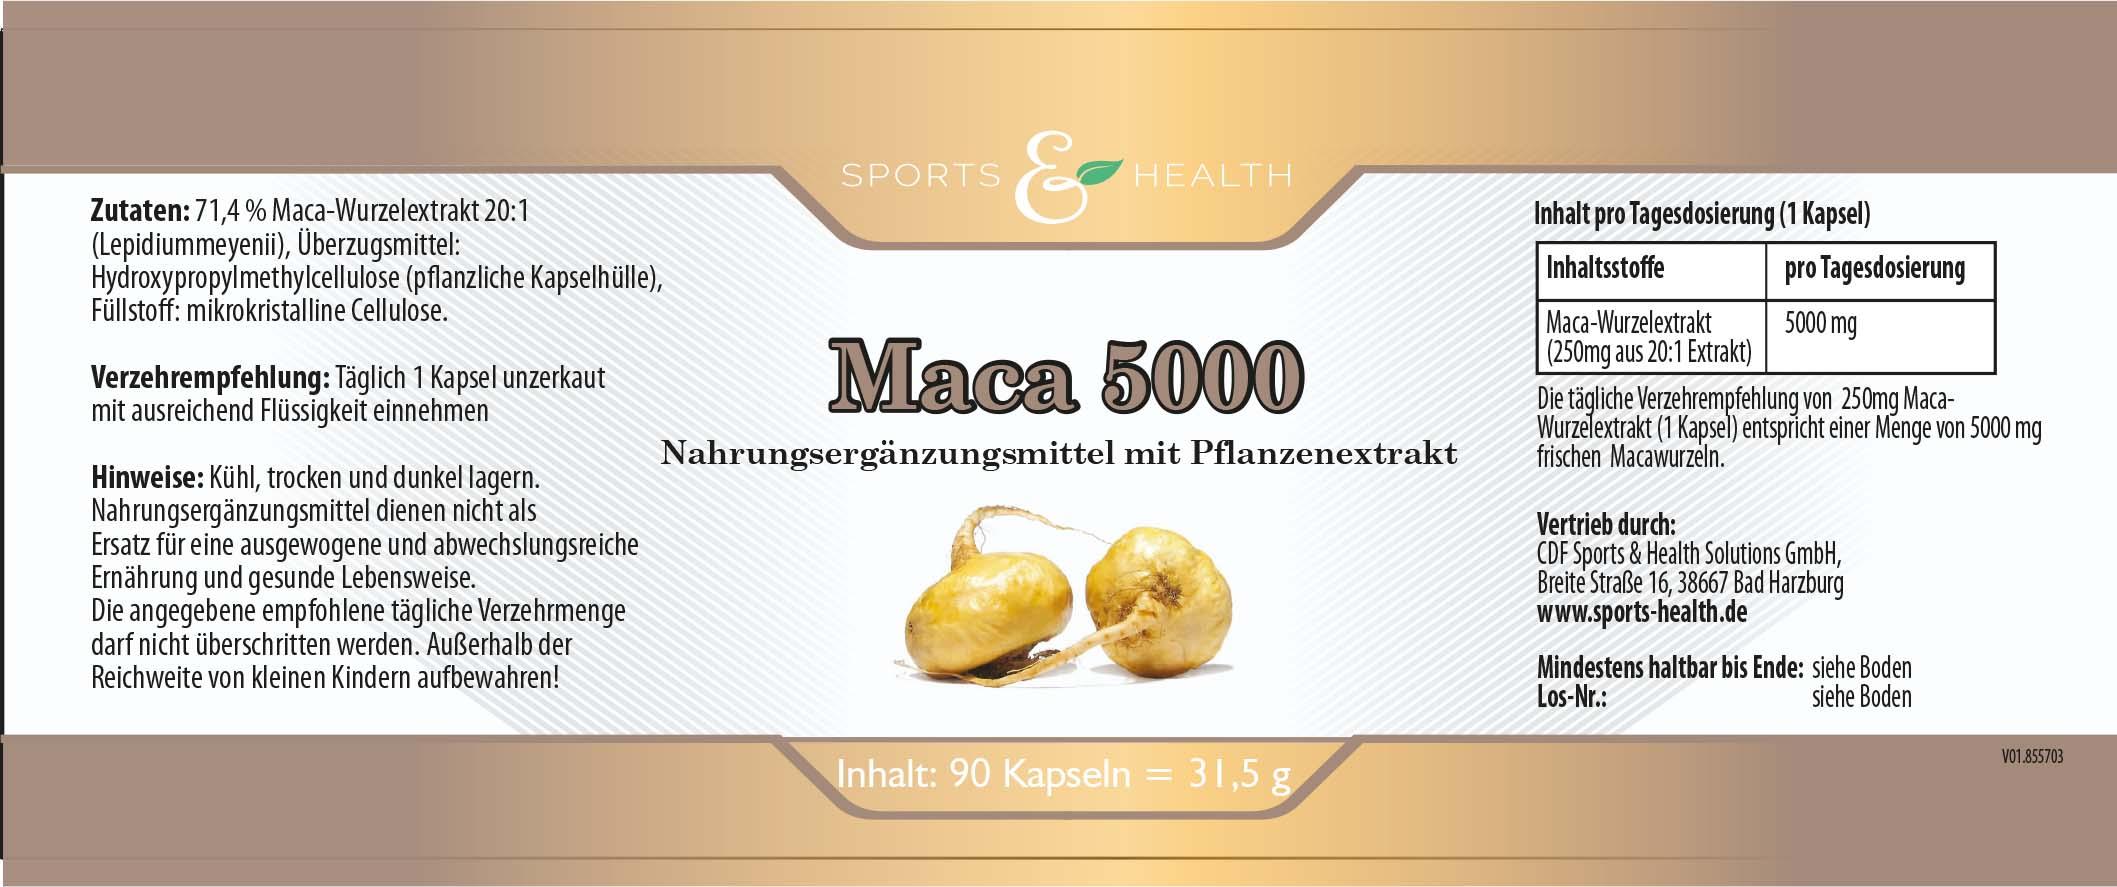 maca5000